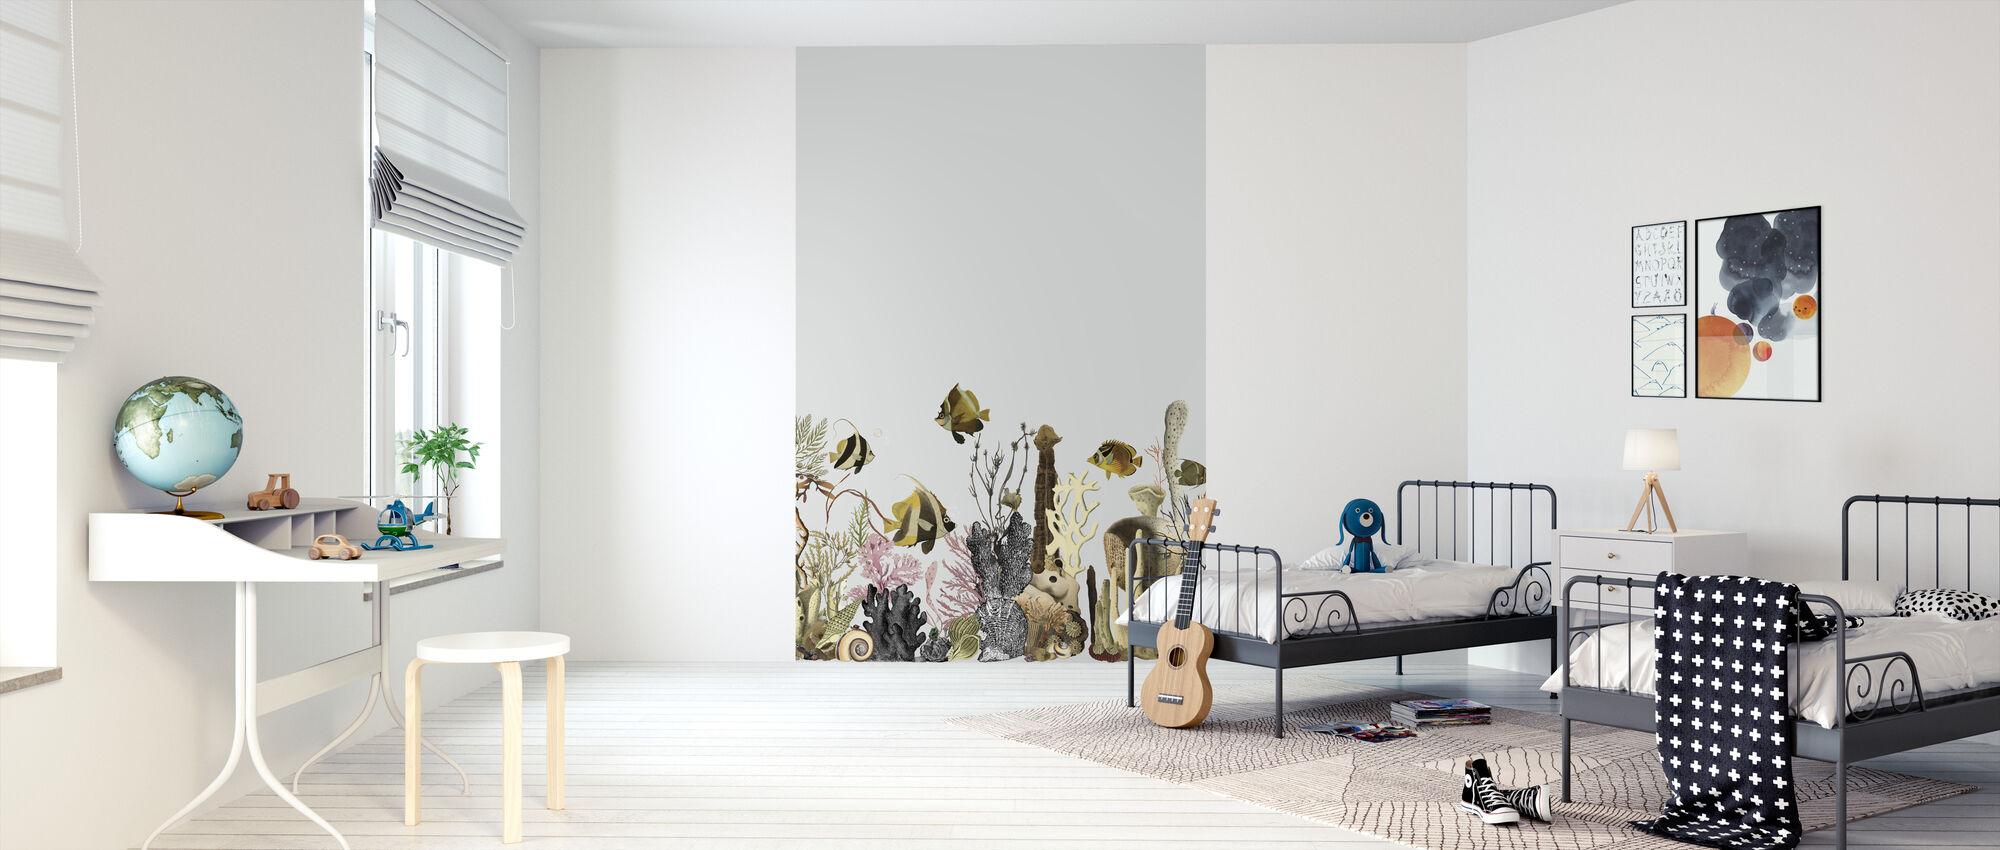 Aquarius - Grey - Wallpaper - Kids Room